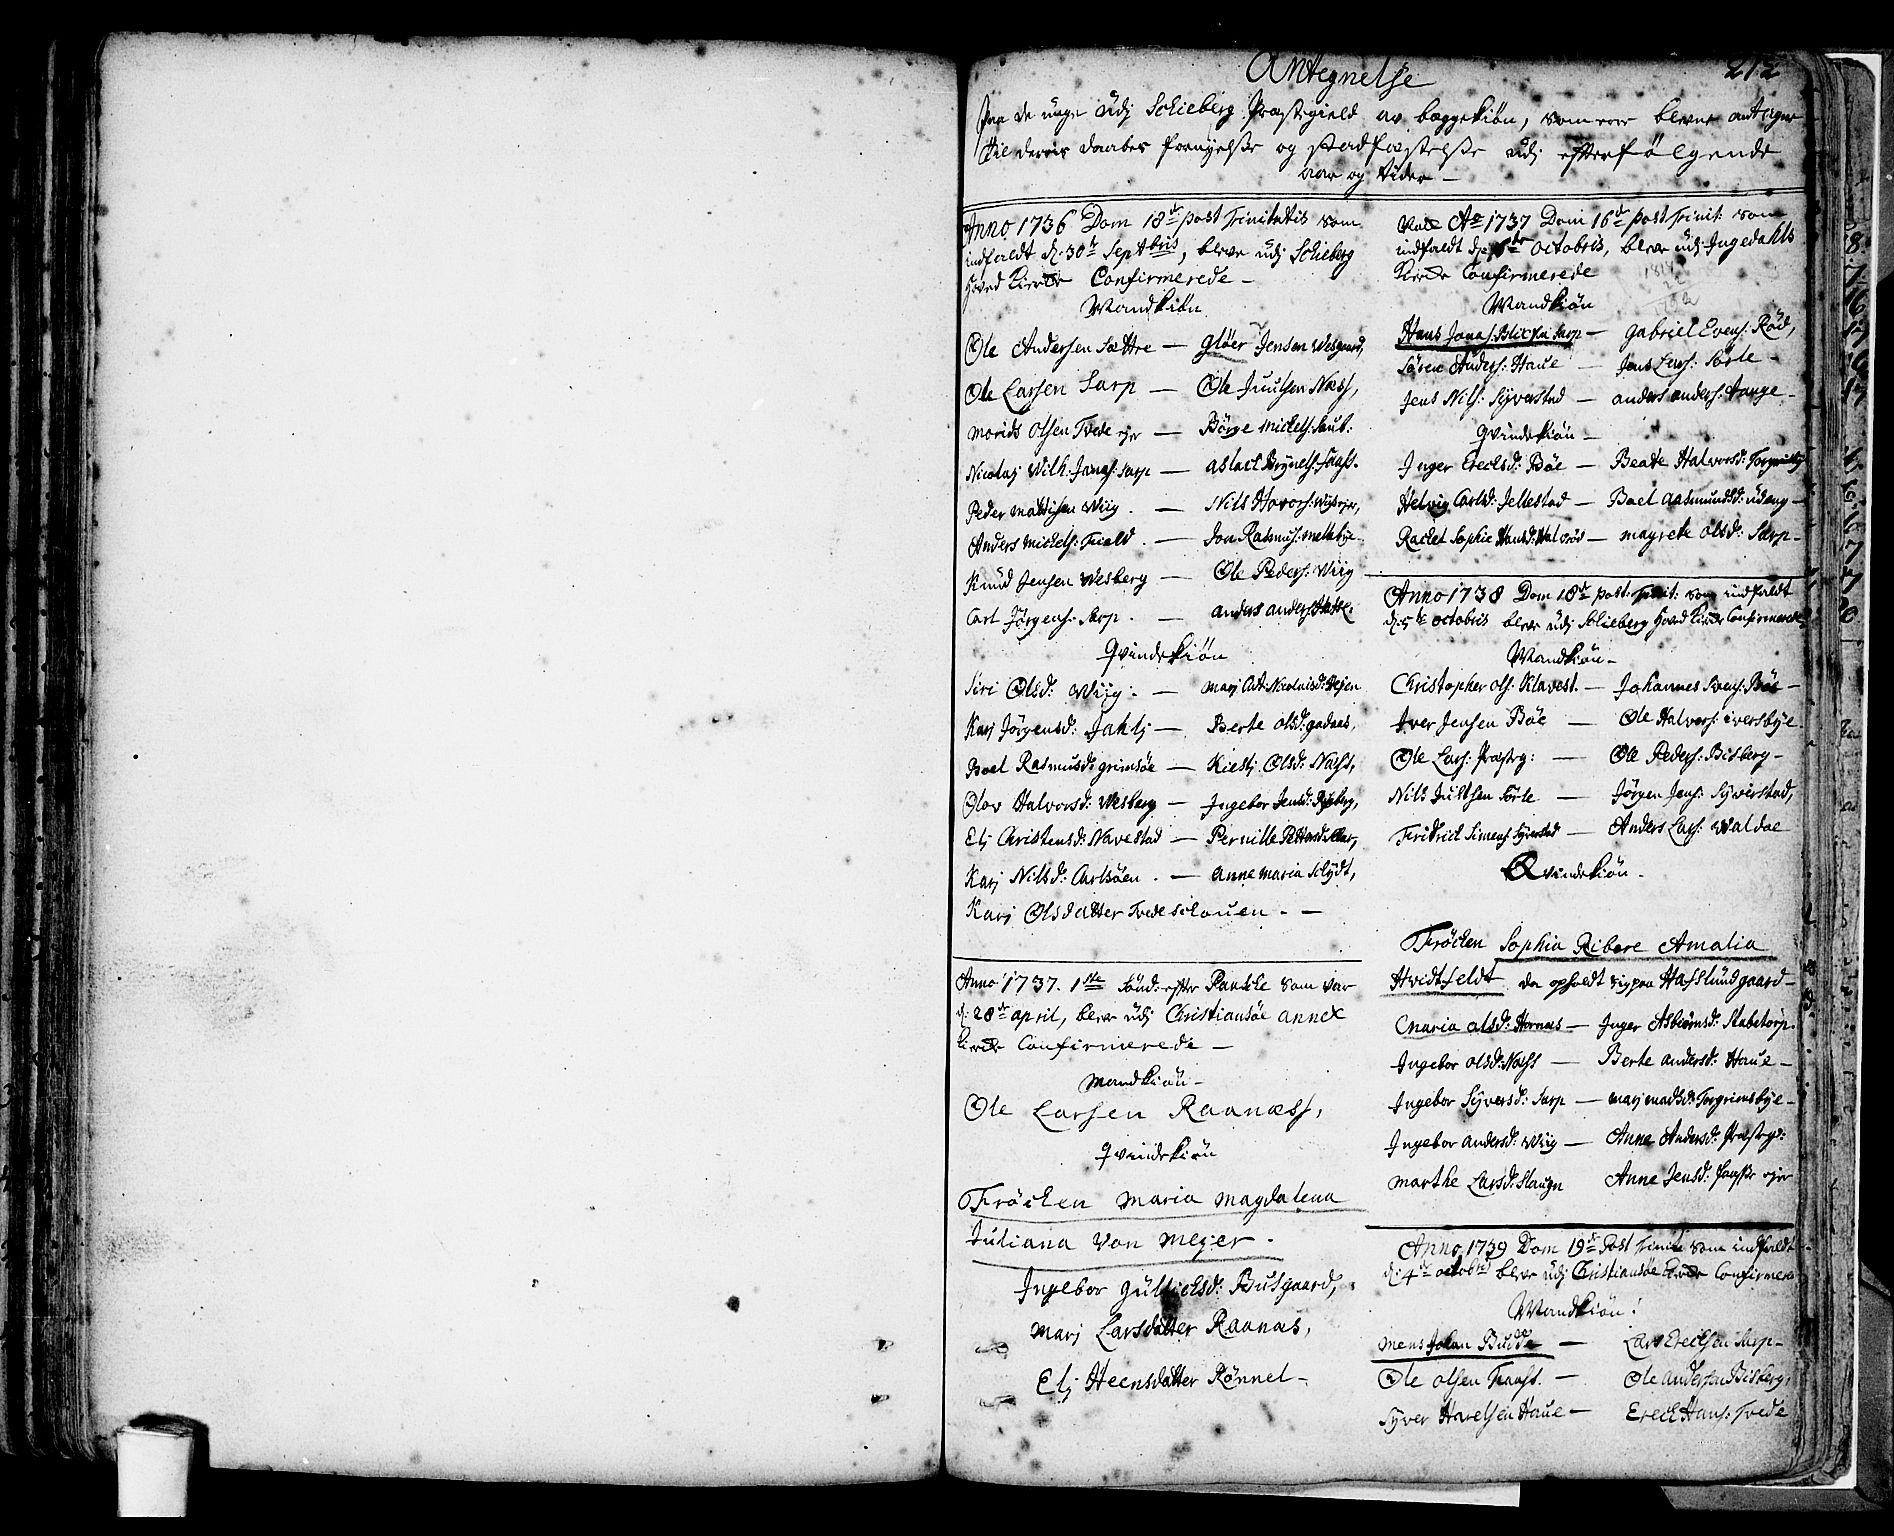 SAO, Skjeberg prestekontor Kirkebøker, F/Fa/L0002: Ministerialbok nr. I 2, 1726-1791, s. 212